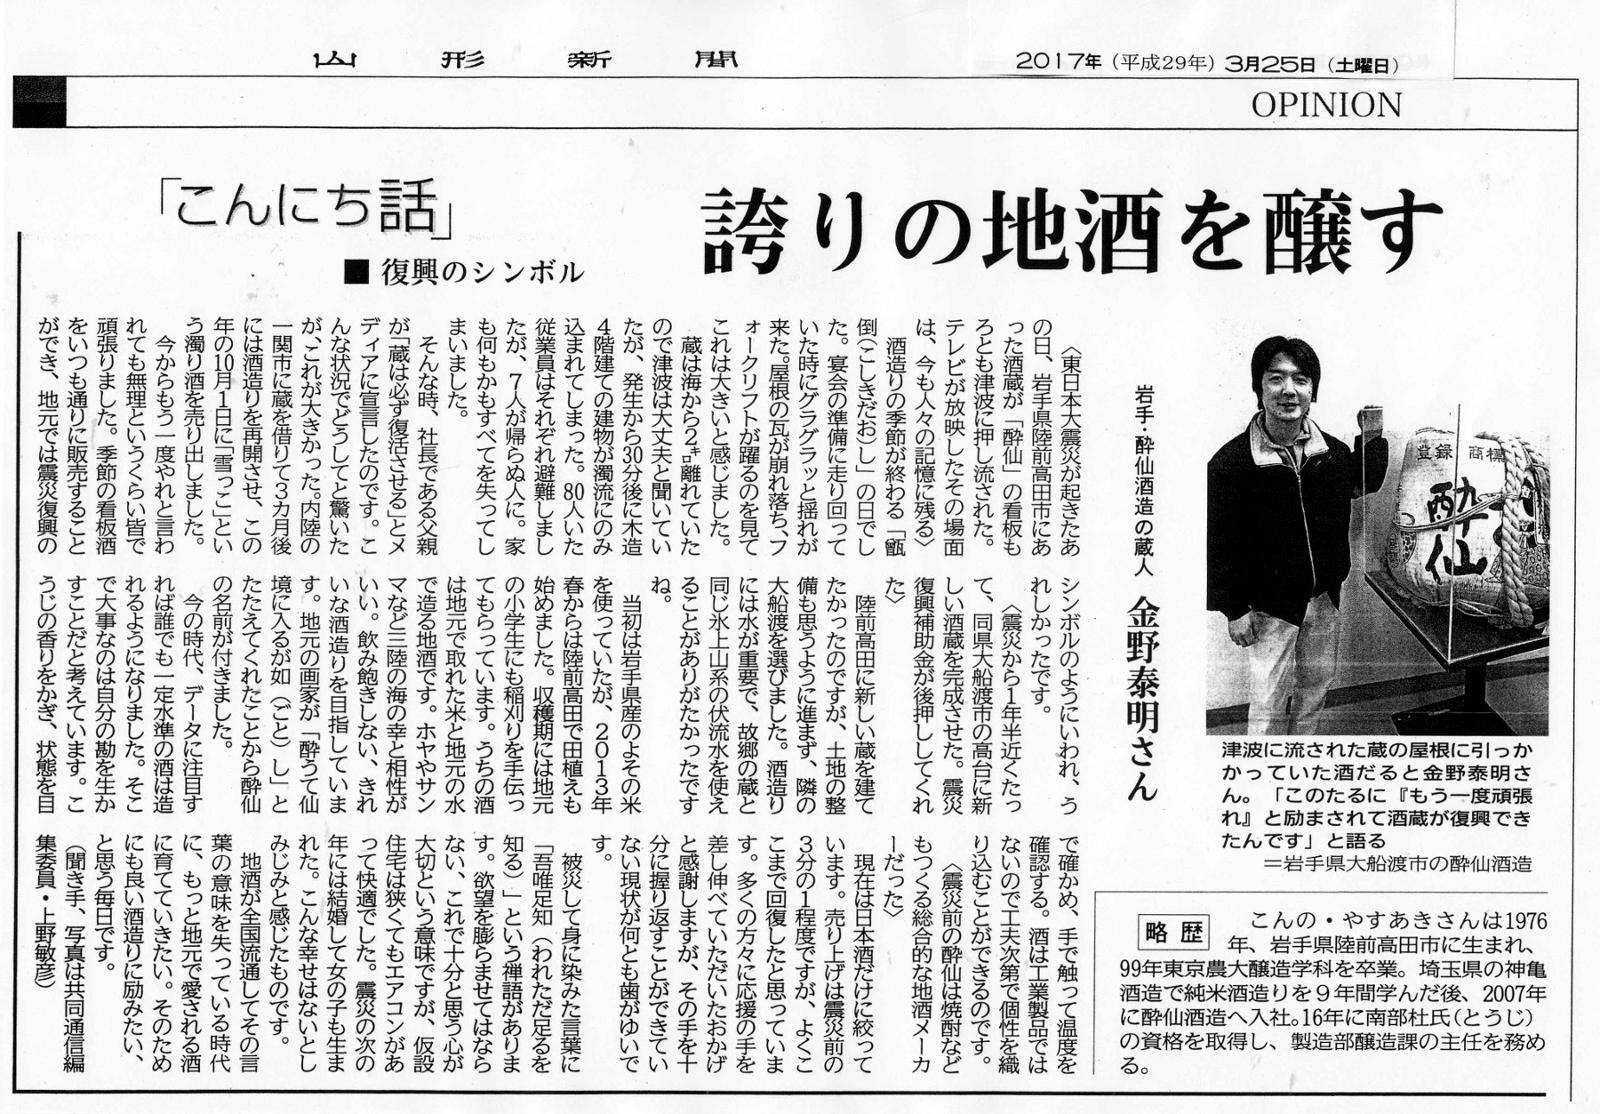 山形新聞「こんにち話 金野泰明さん」